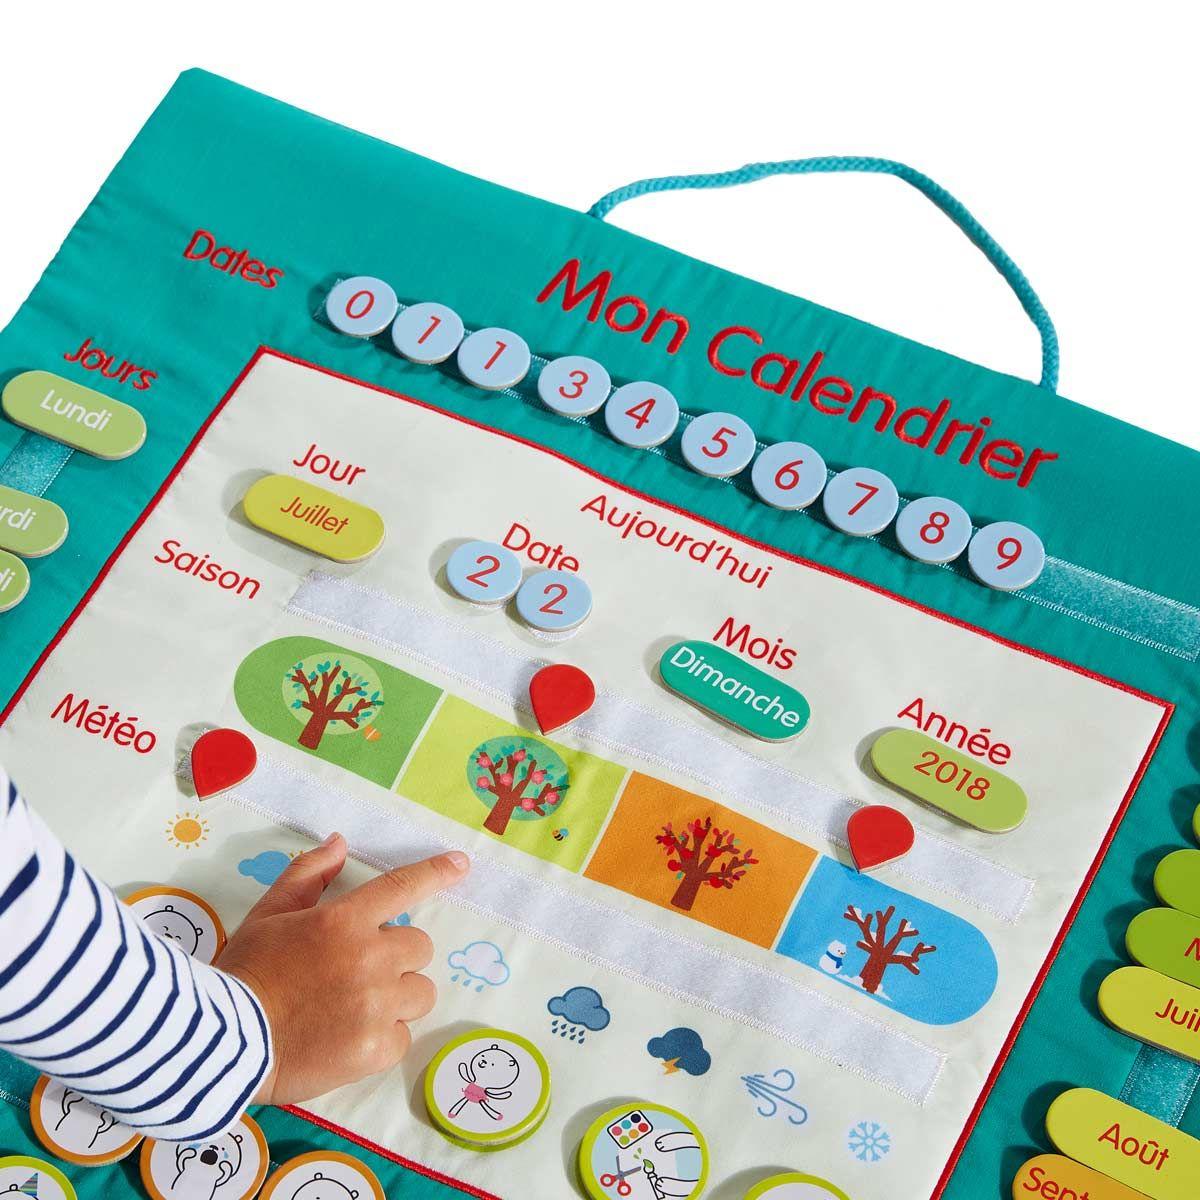 Calendrier en tissu Educabul création Oxybul | Cadeau enfant 4 ans, Oxybul et Calendrier enfant